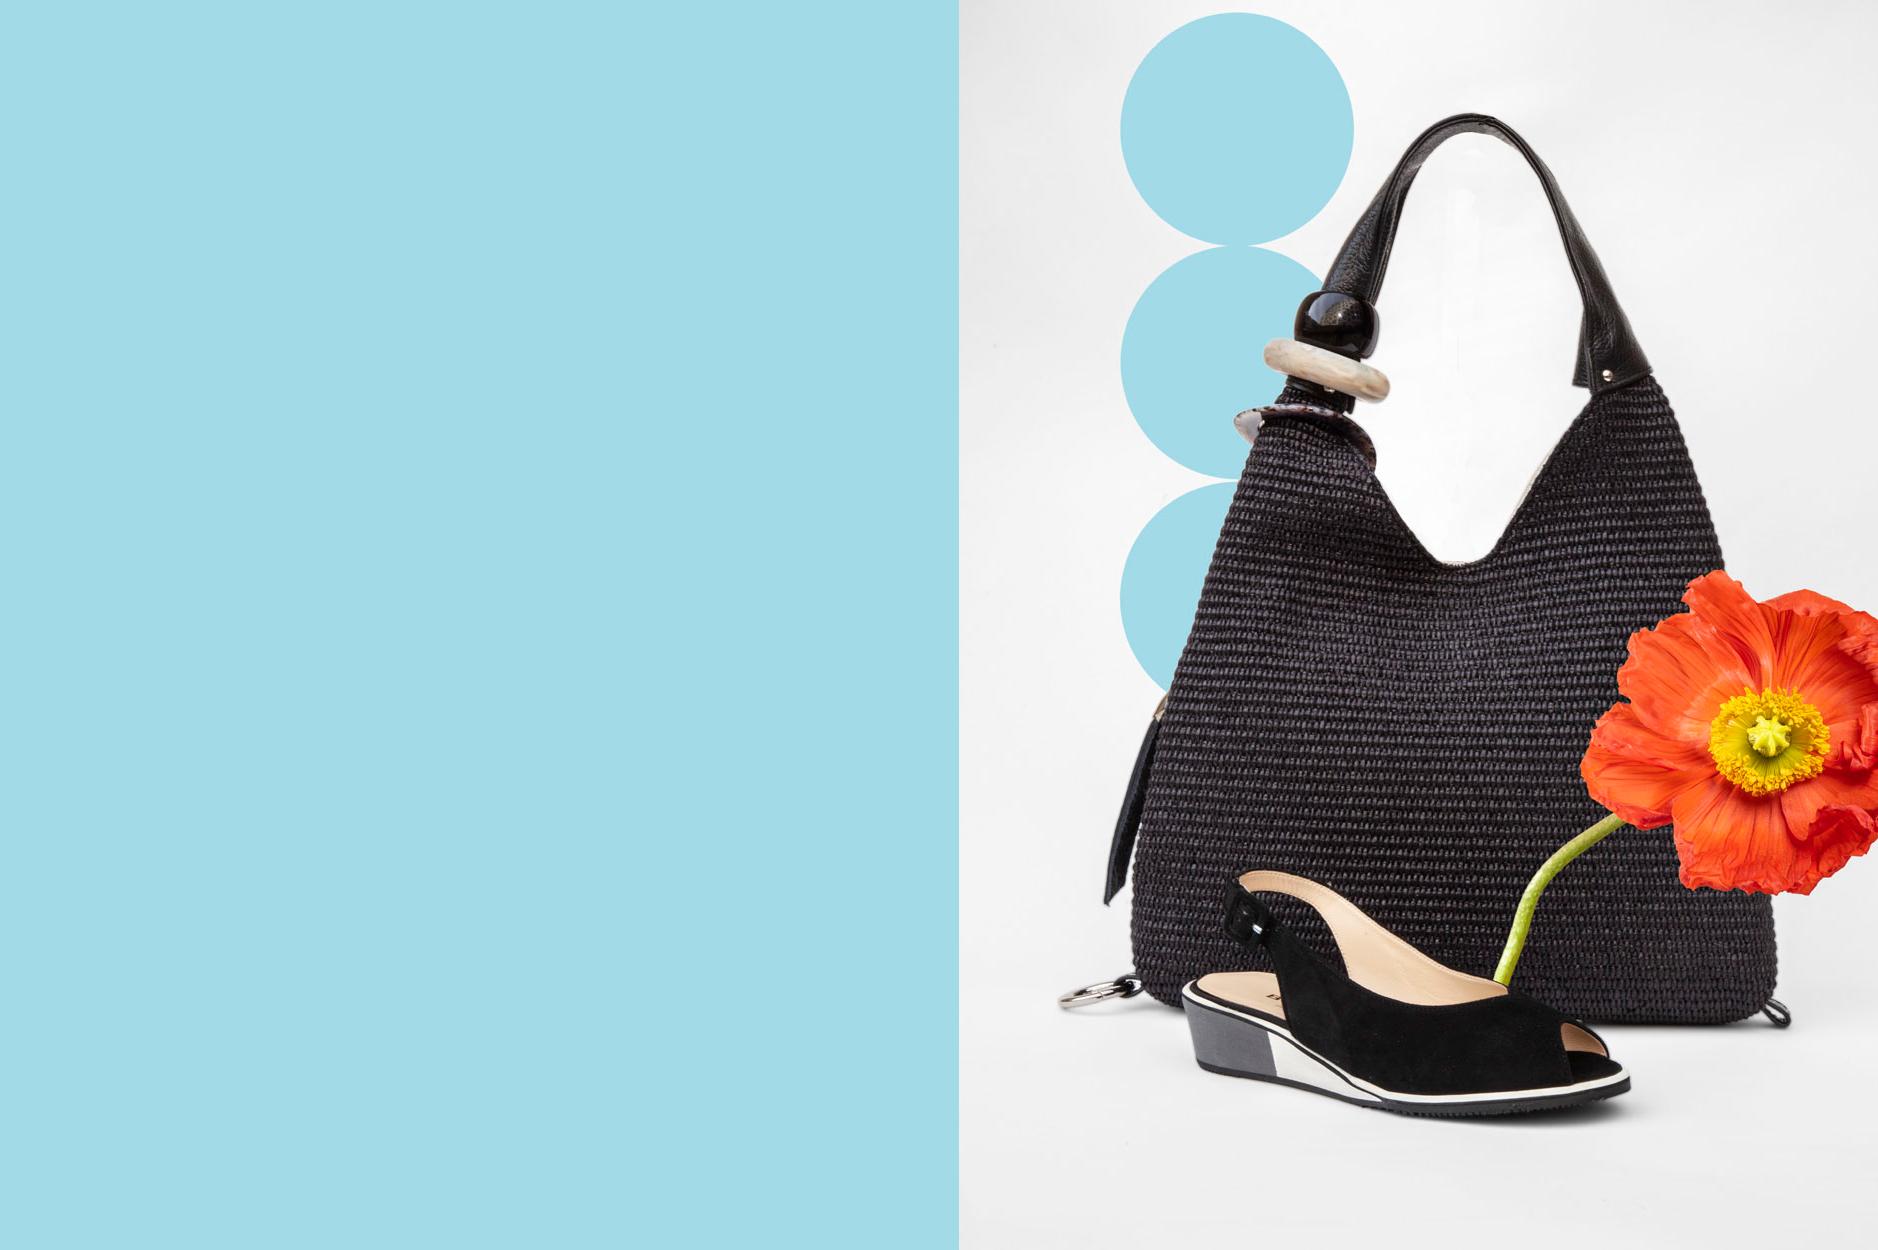 boutique-collection-printemps-2021-sophie-jaton-photos-graphisme